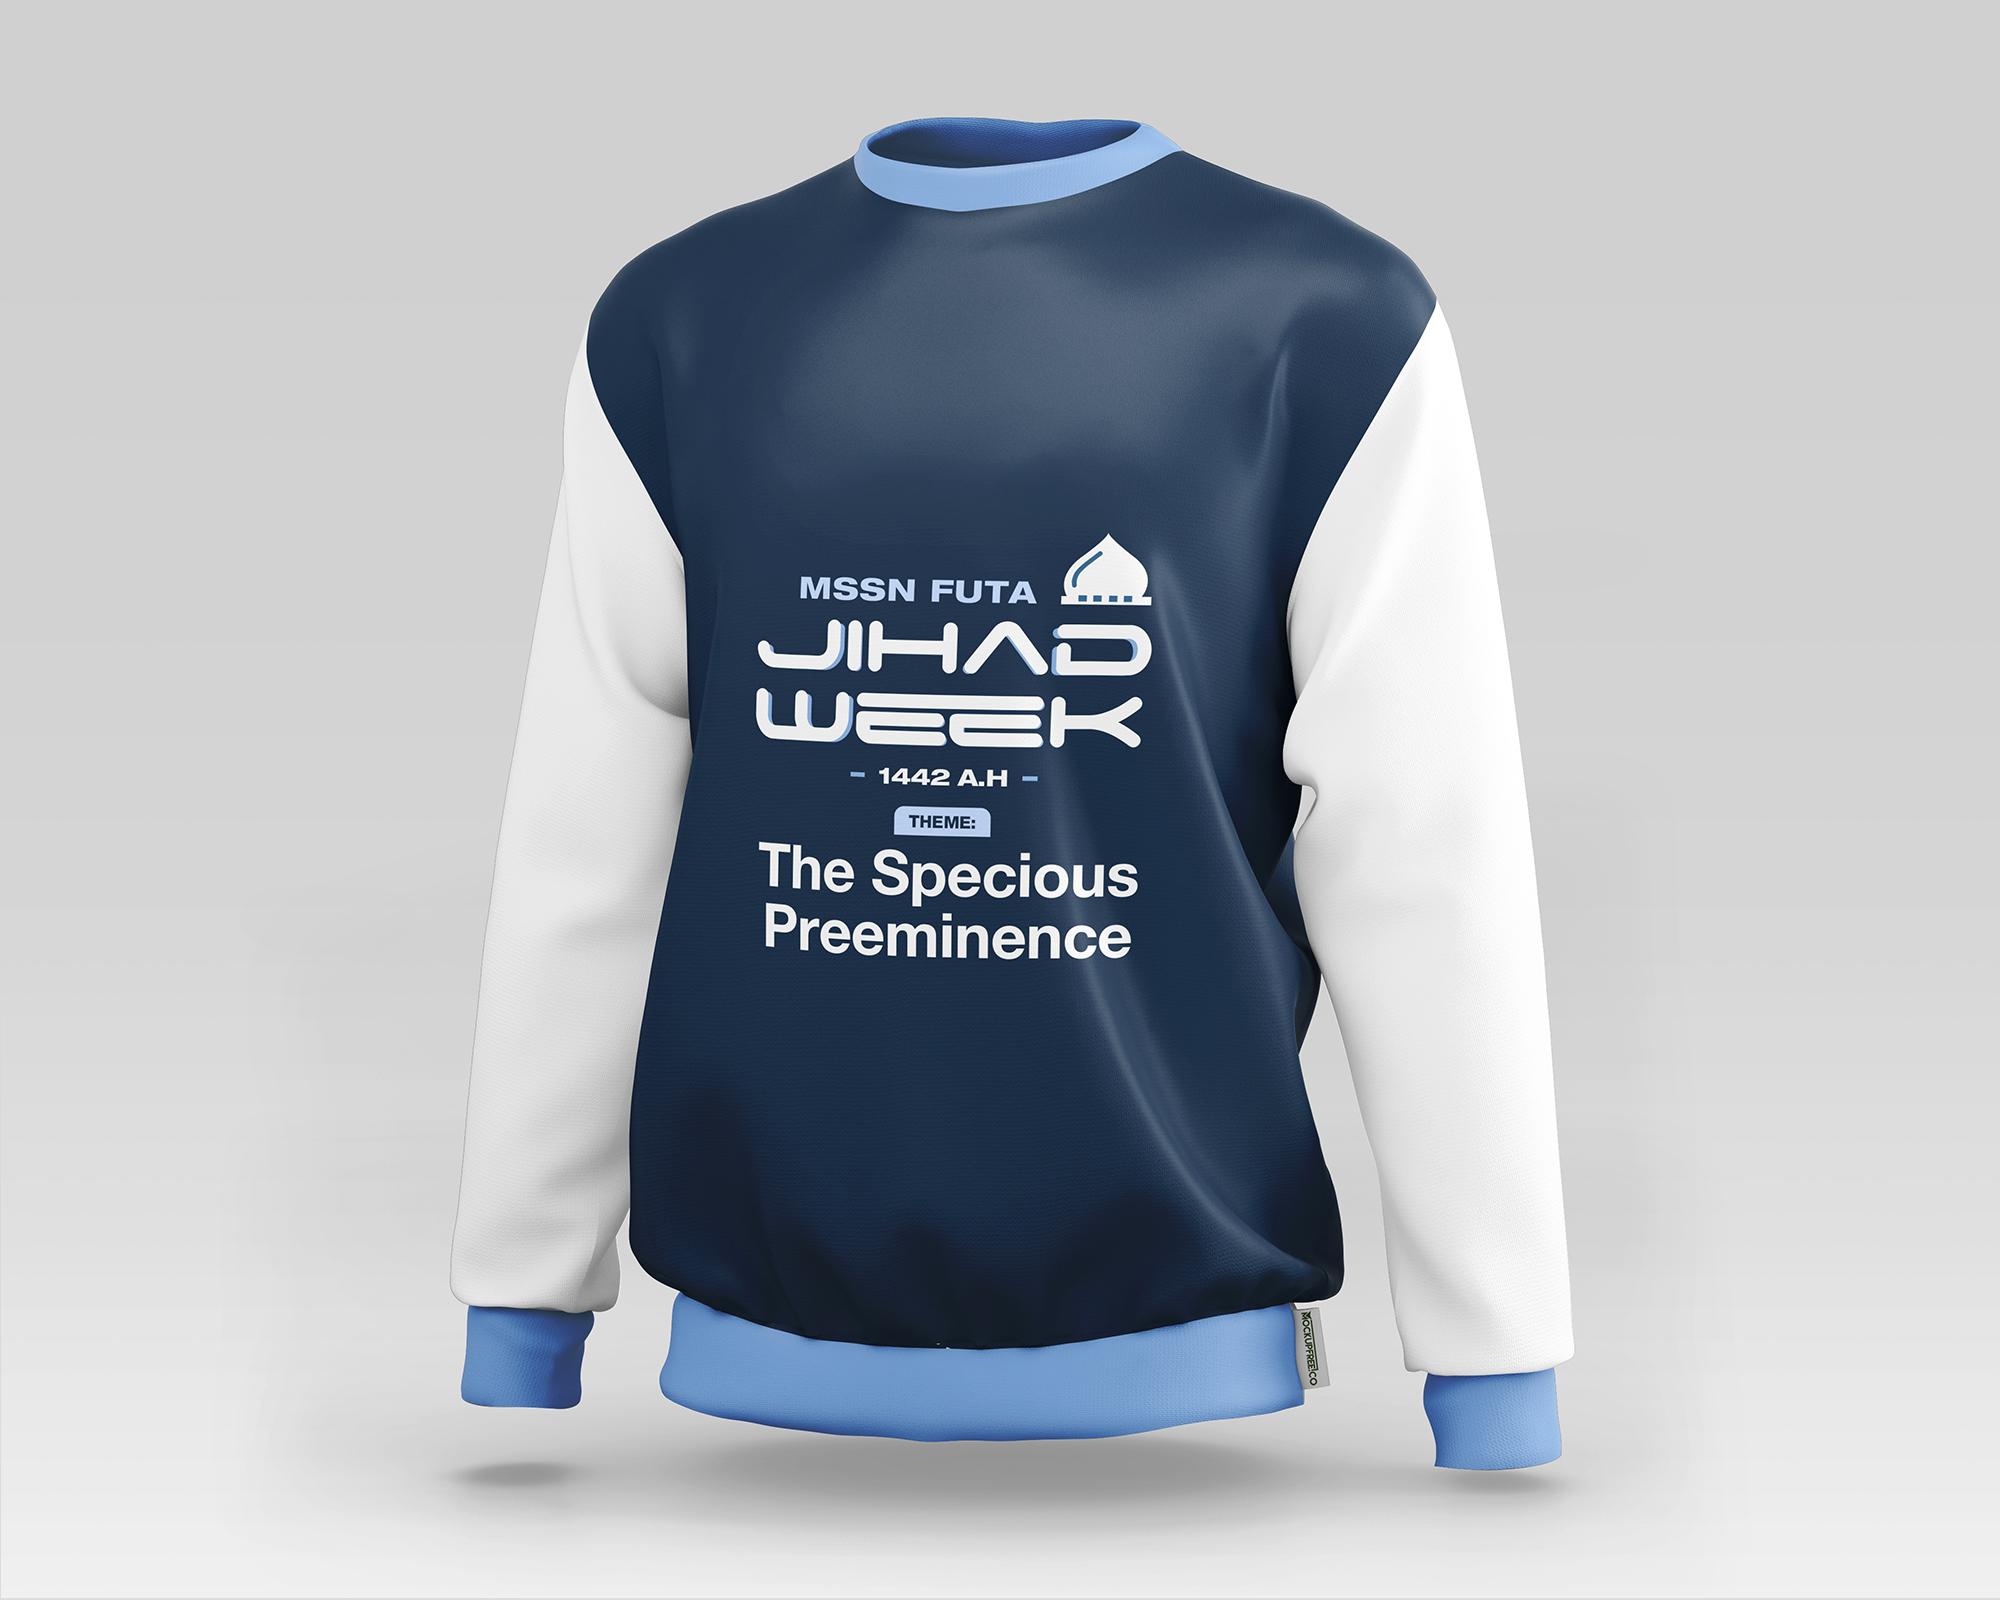 JIHAD WEEK Sweatshirt Mockup Front Option 2